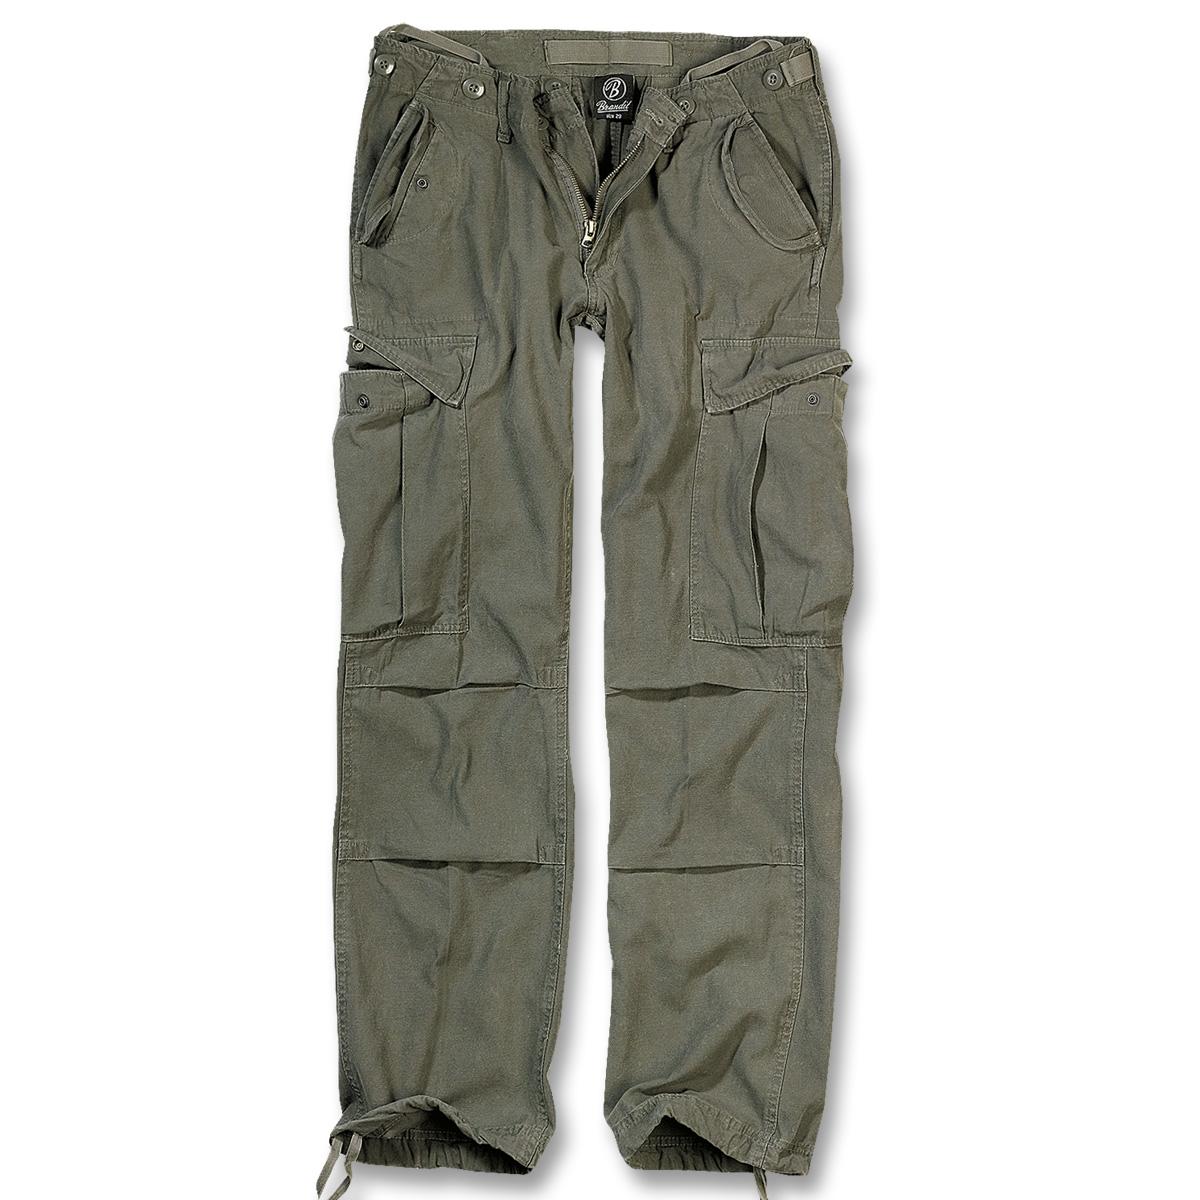 Vintage Trouser Und M65 Cargo Hose Im Brandit Bundeswehr Ladies kXZuPi